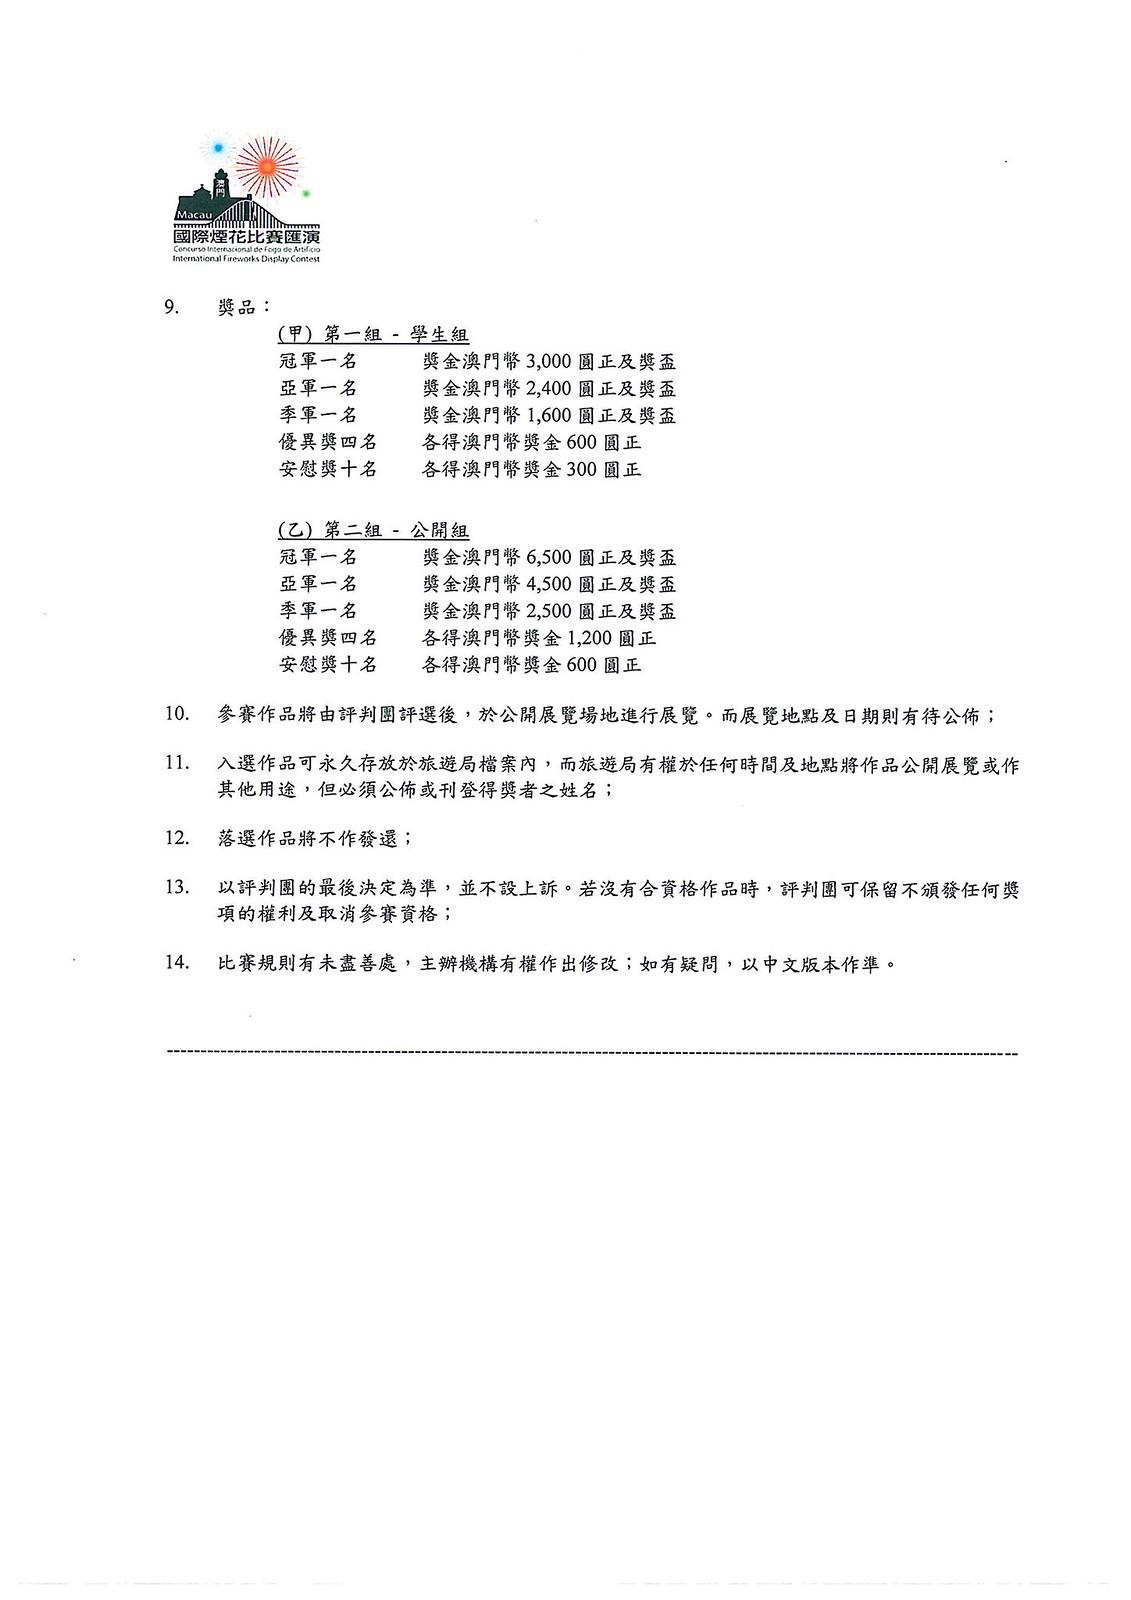 公函-29CIFAM攝影比賽_ 澳門攝影學會 - 規則中文-2